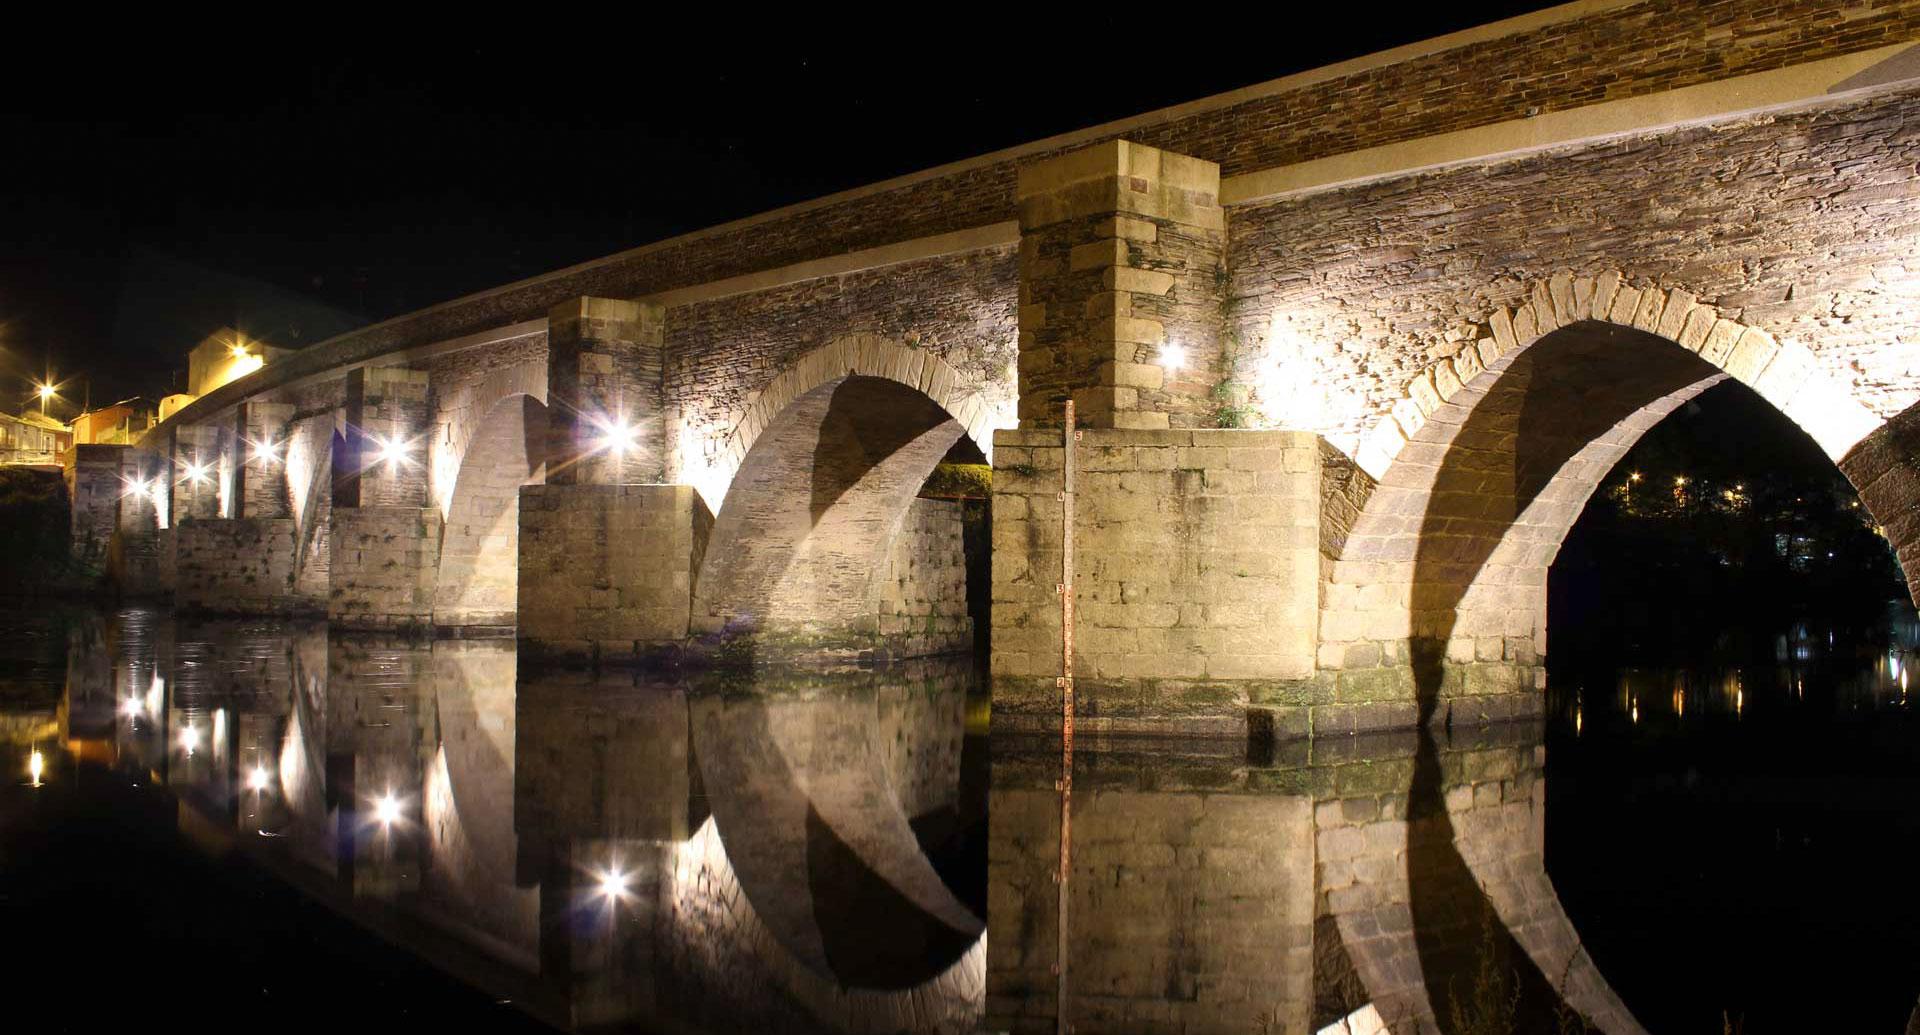 foto de lugo puente romano noche xeral.net